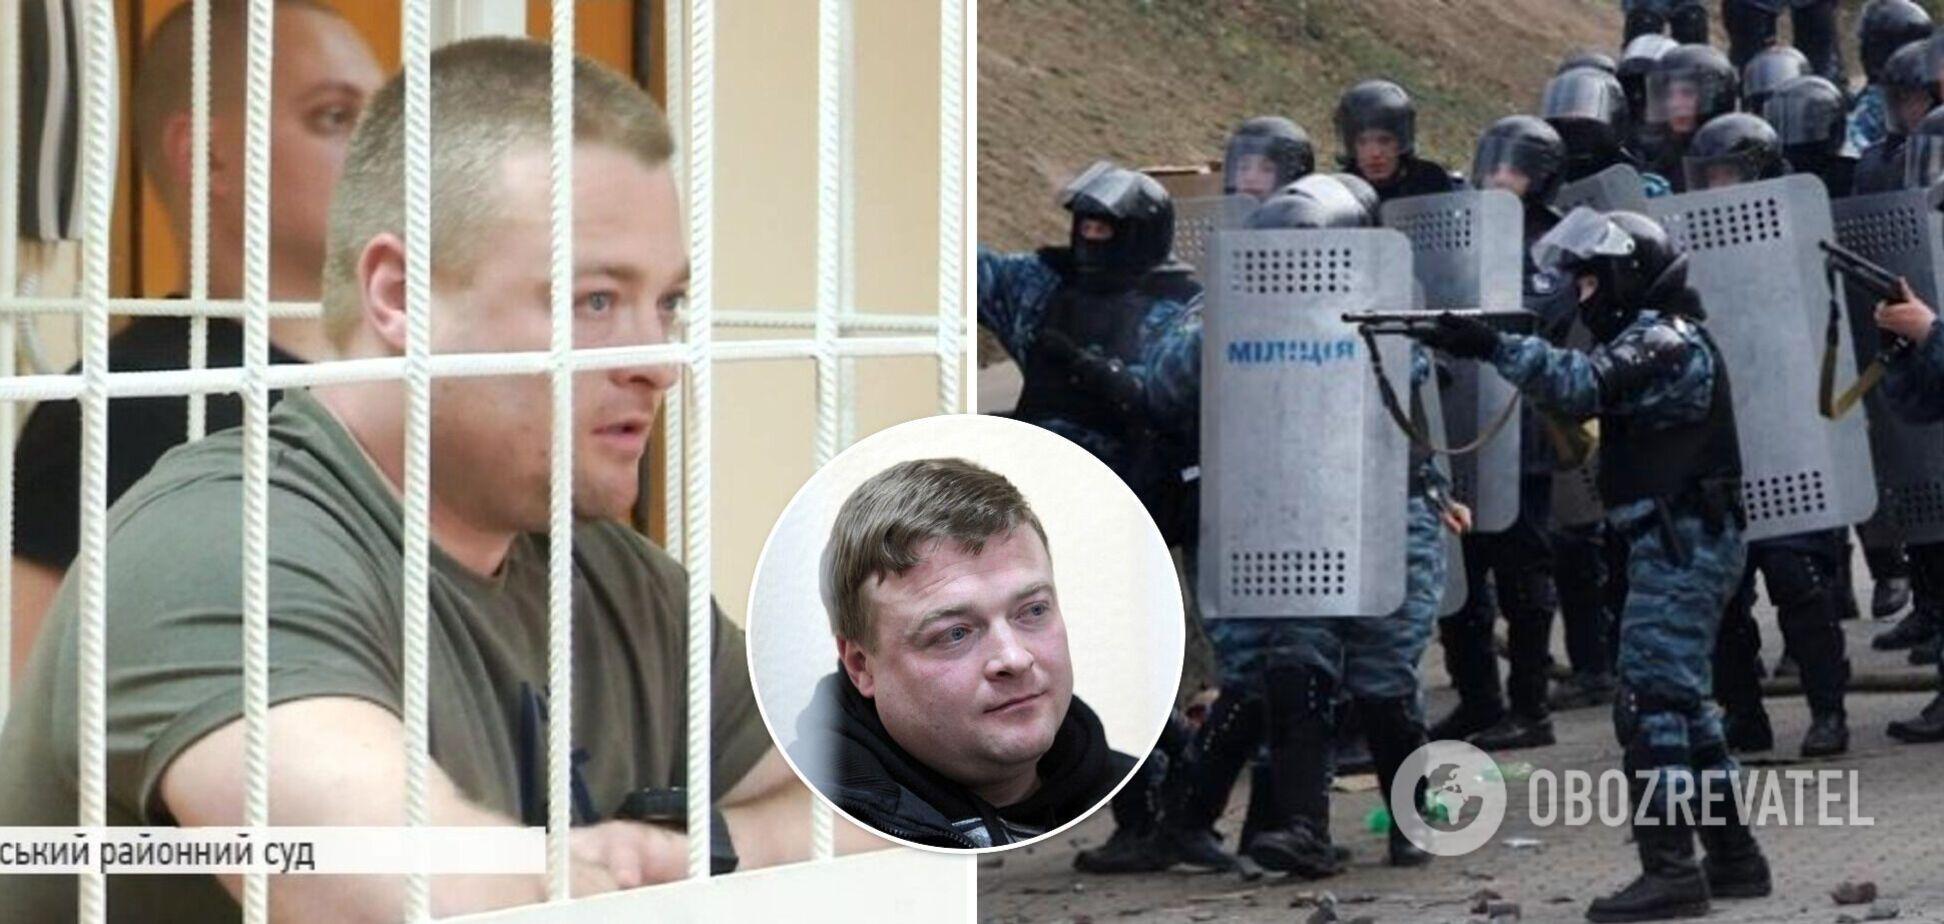 Из Украины сбежал экс-командир 'беркутовцев', подозреваемый в убийствах на Майдане